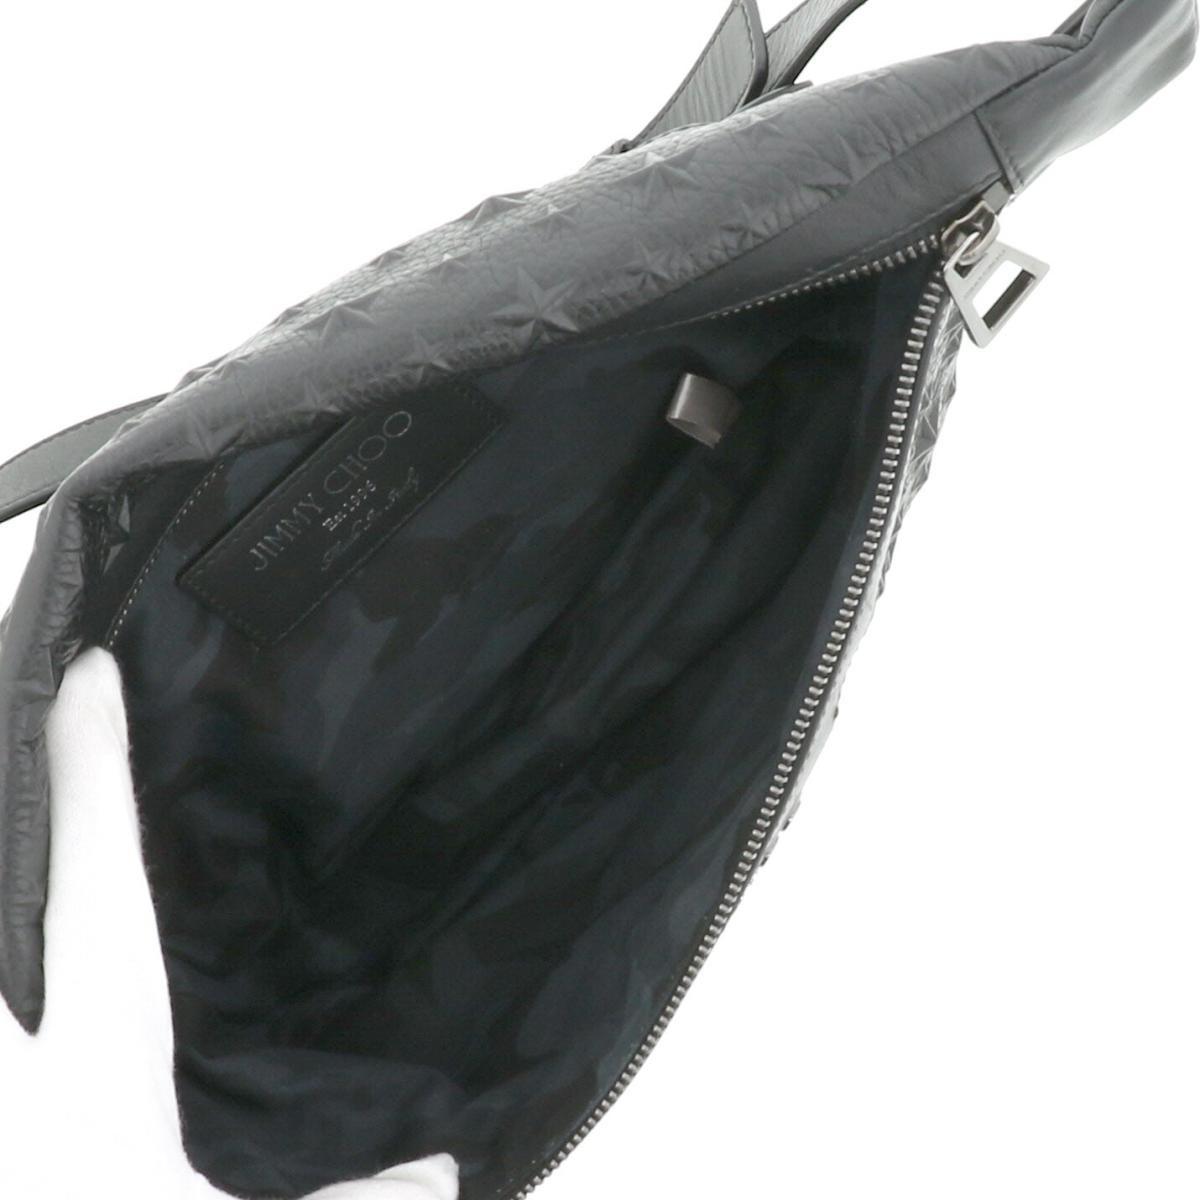 【お値下げ品】【即日発送・水曜定休日・木曜発送】【中古】JIMMY CHOO (ジミーチュー) DERRY ボディバッグ バッグ ウェスト/ボディバッグ DERRY Black/ブラック DERRYEMG used:B